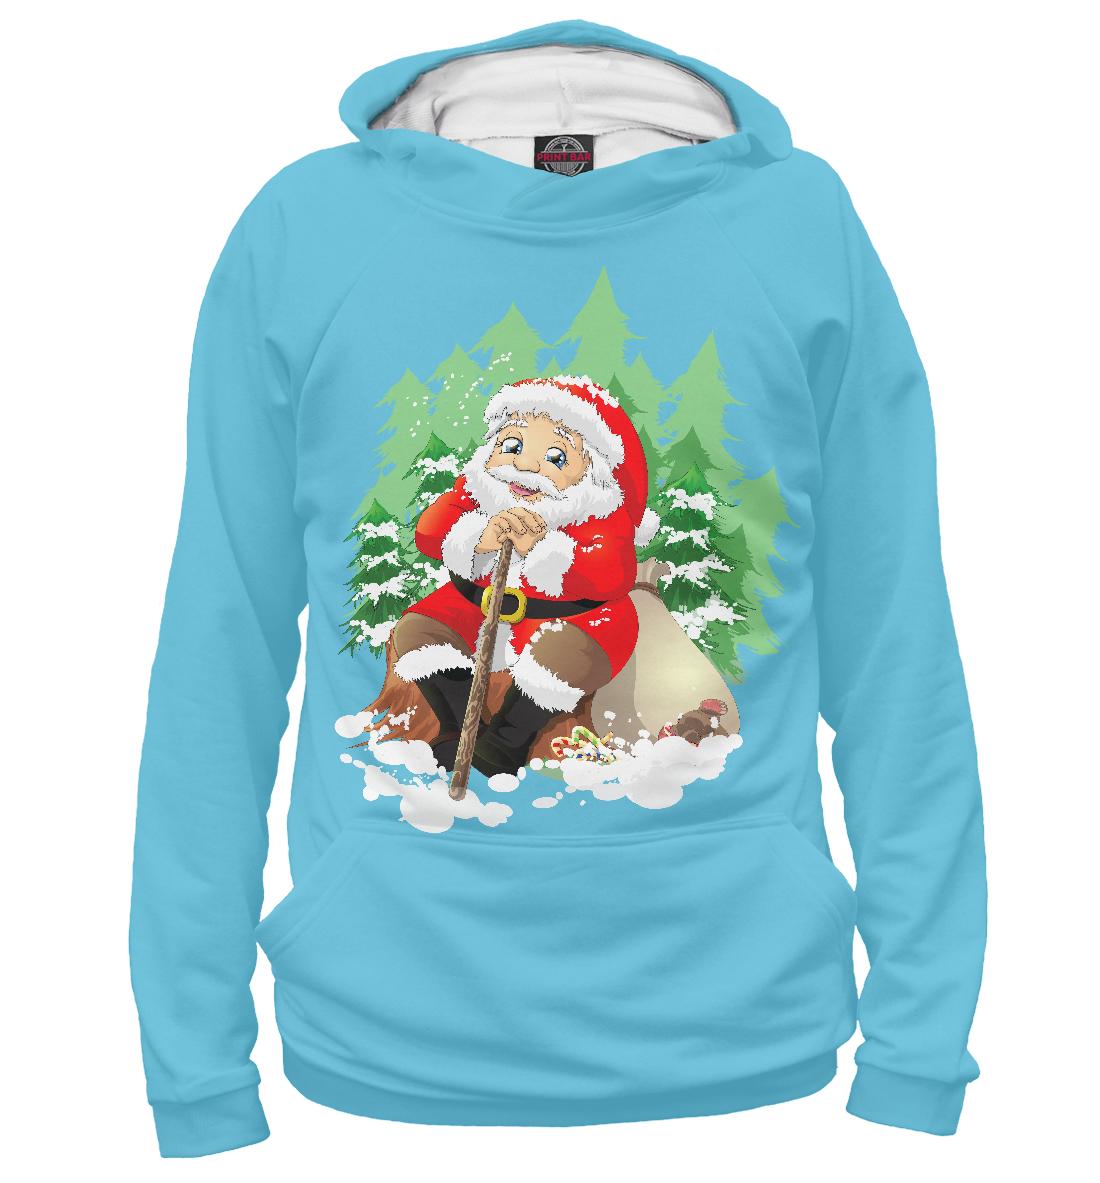 Купить Дед Мороз, Printbar, Худи, DMZ-313847-hud-1